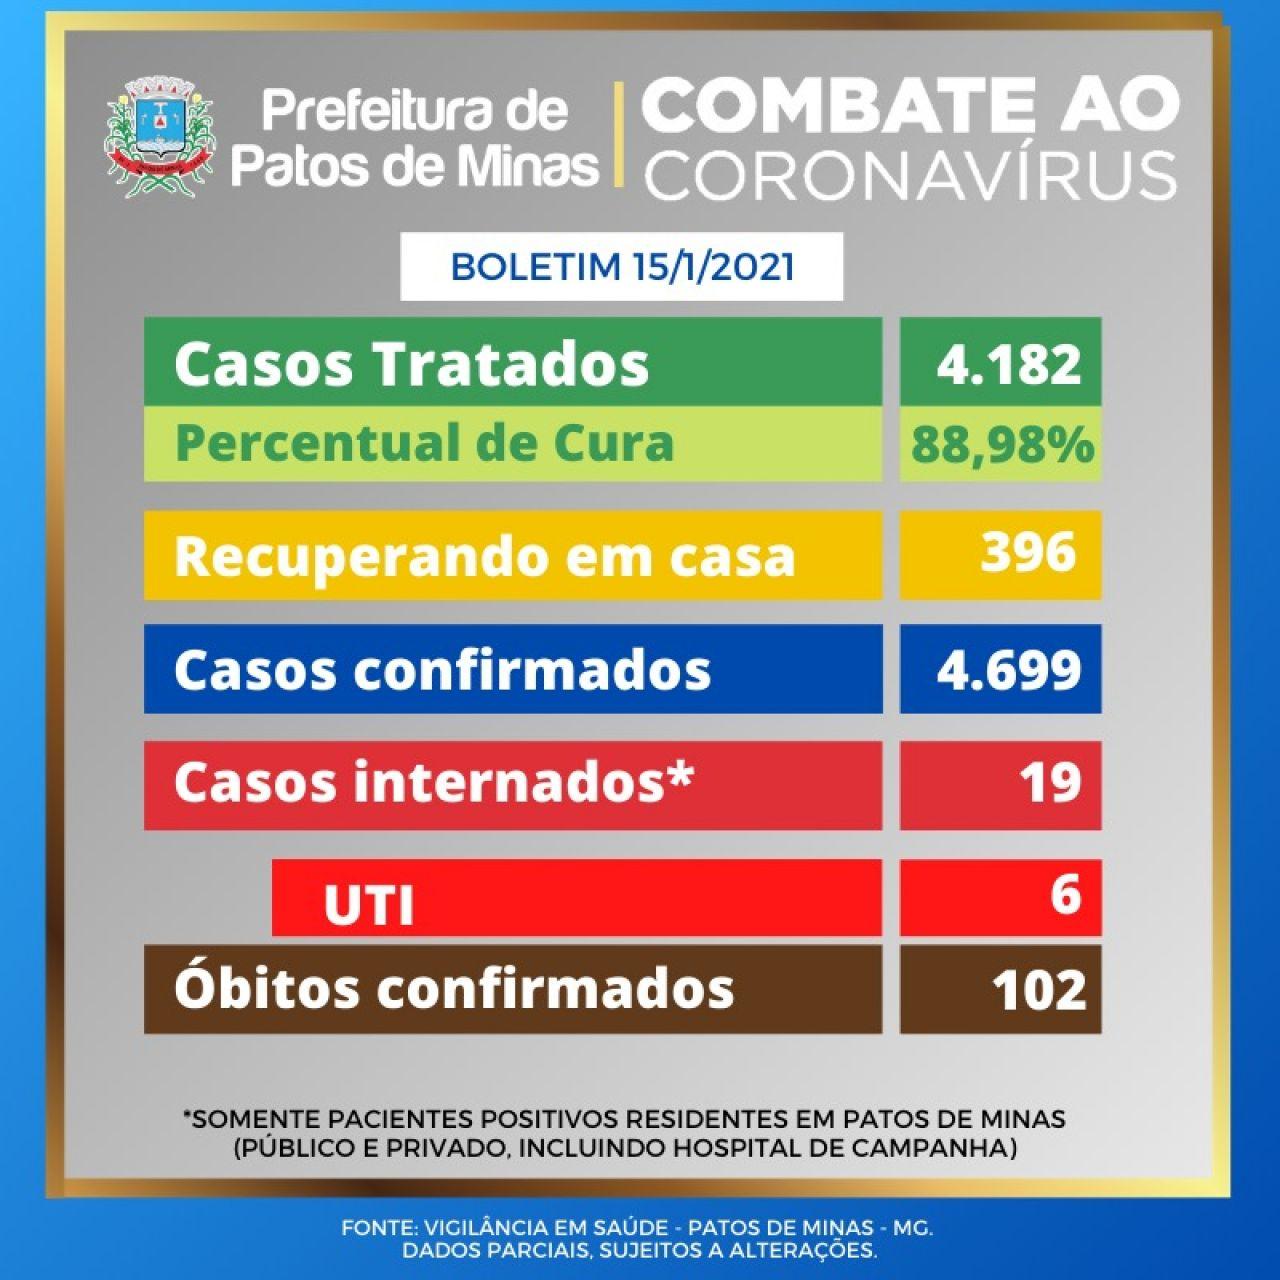 Covid-19: Patos de Minas tem 4.699 casos confirmados e 4.182 pessoas já se recuperaram